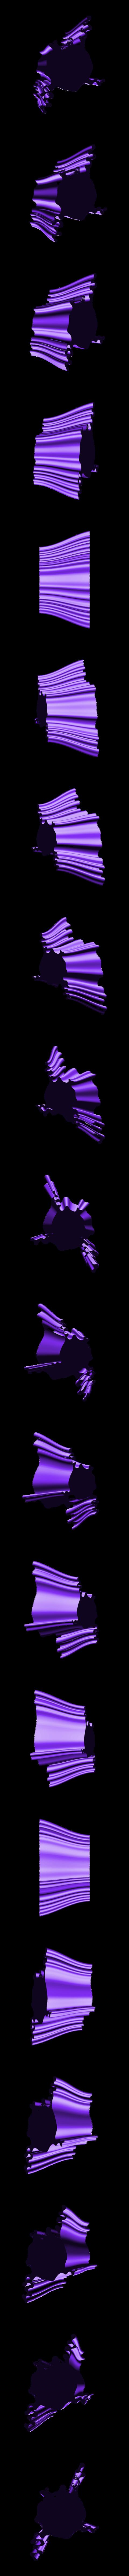 penholder-8.stl Download free STL file Wavy Penholders Collection (15 files) • 3D print design, ferjerez3d